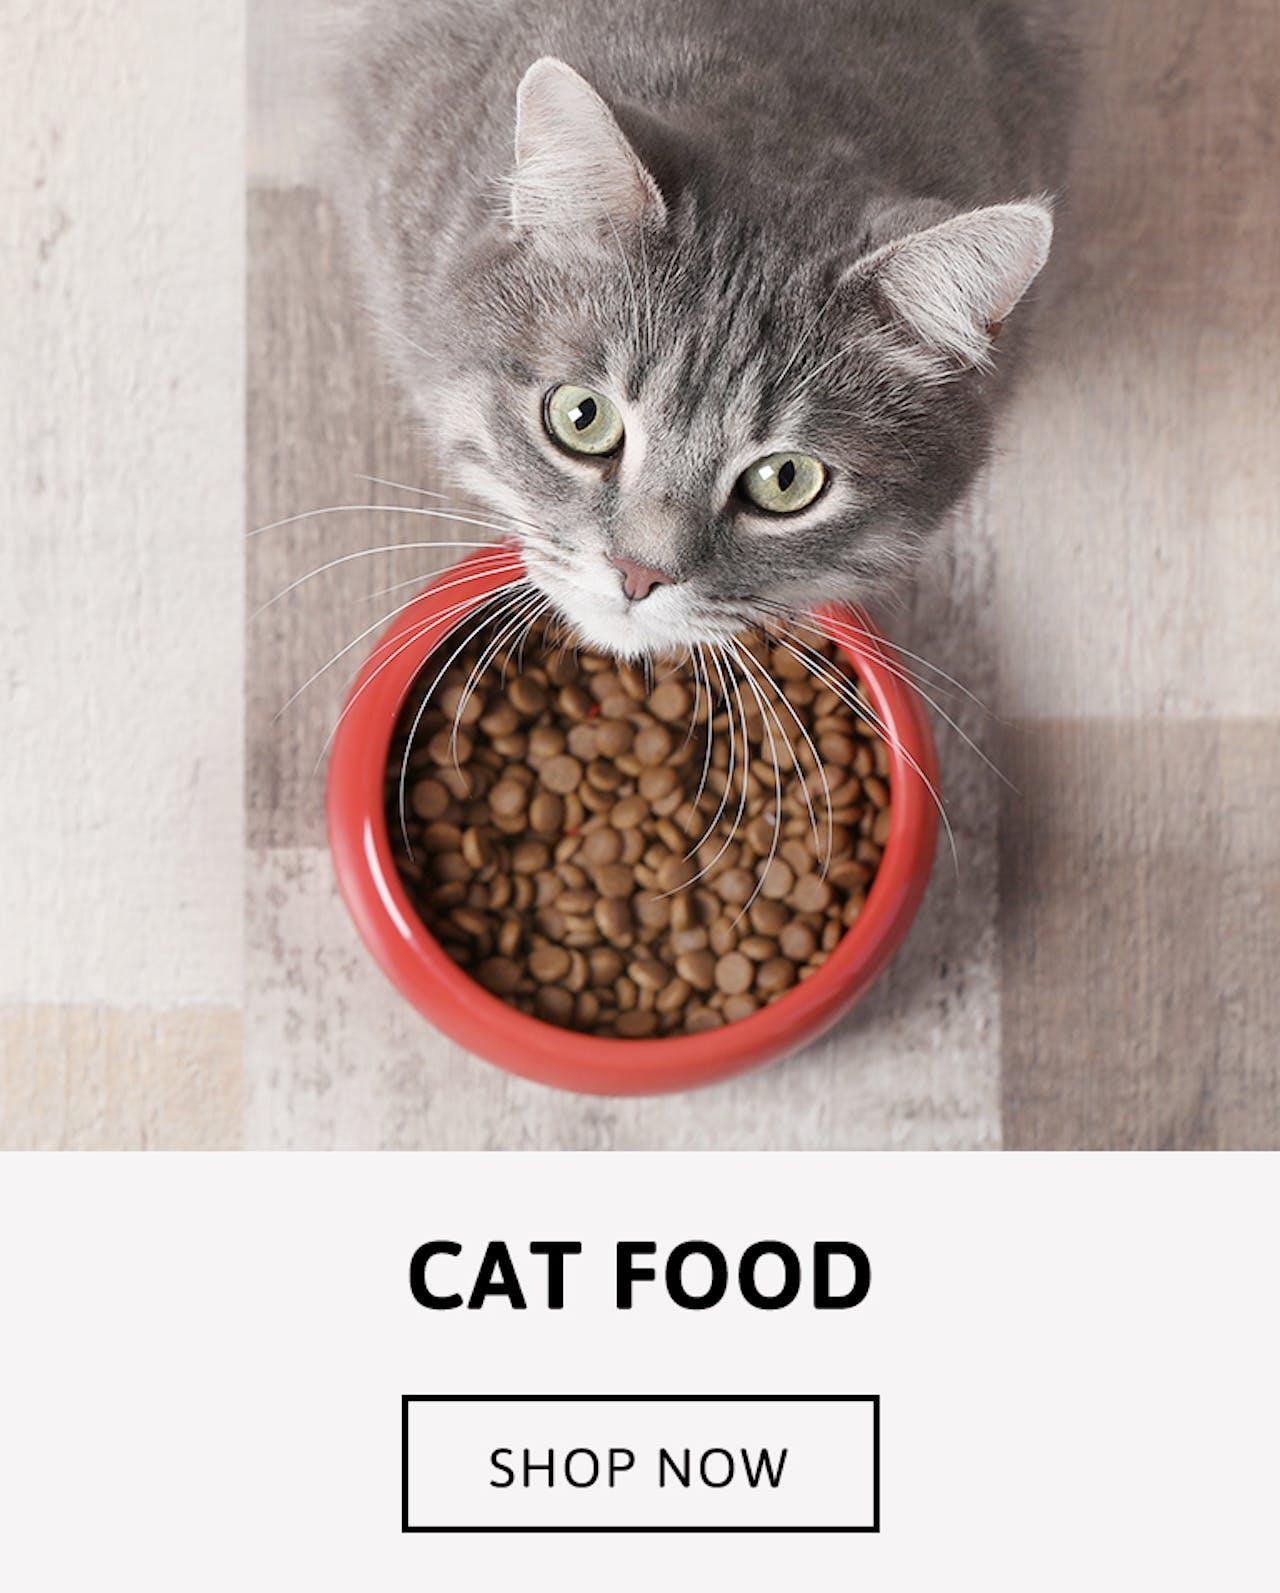 Cat Food - Shop Now